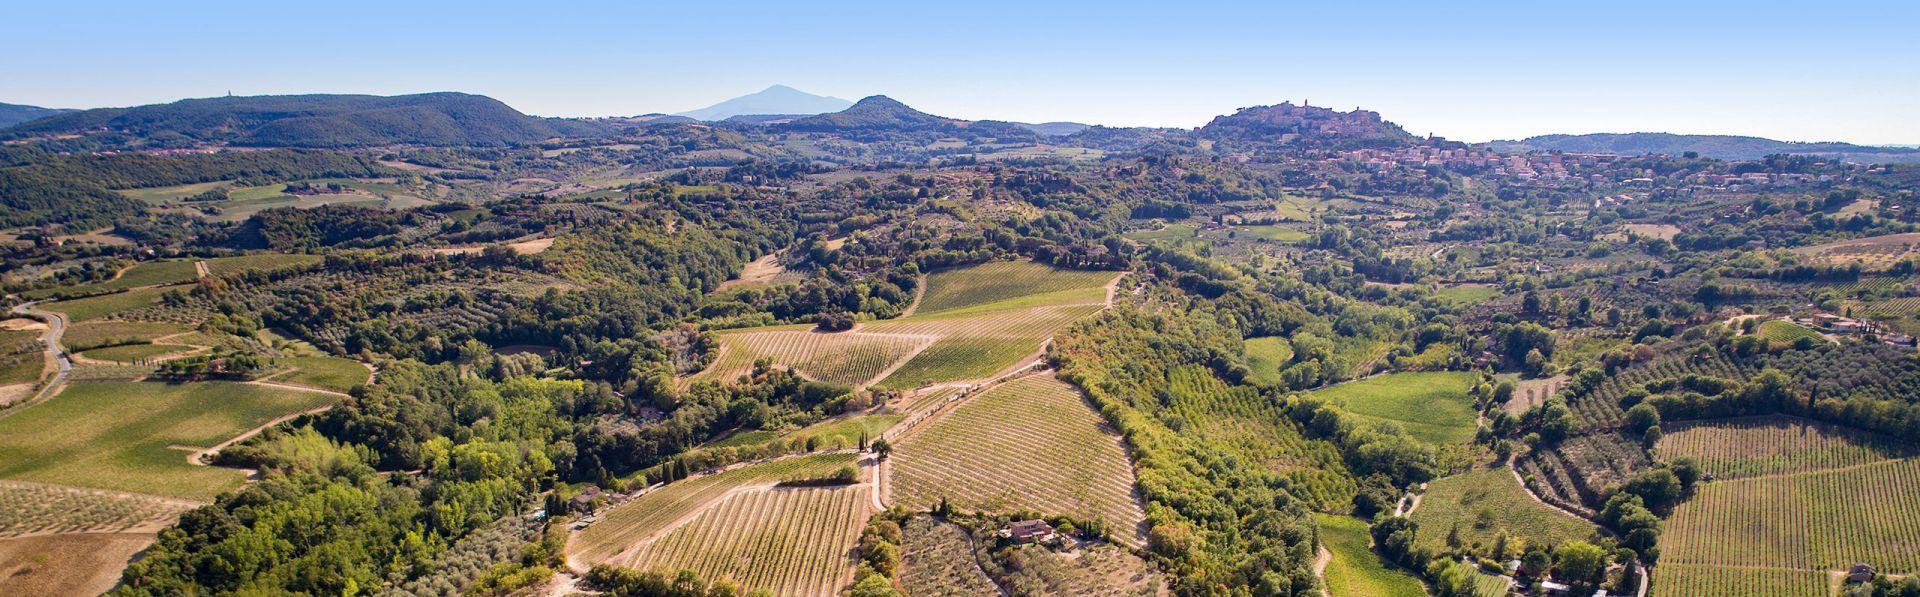 Valdipiatta - Montalcino